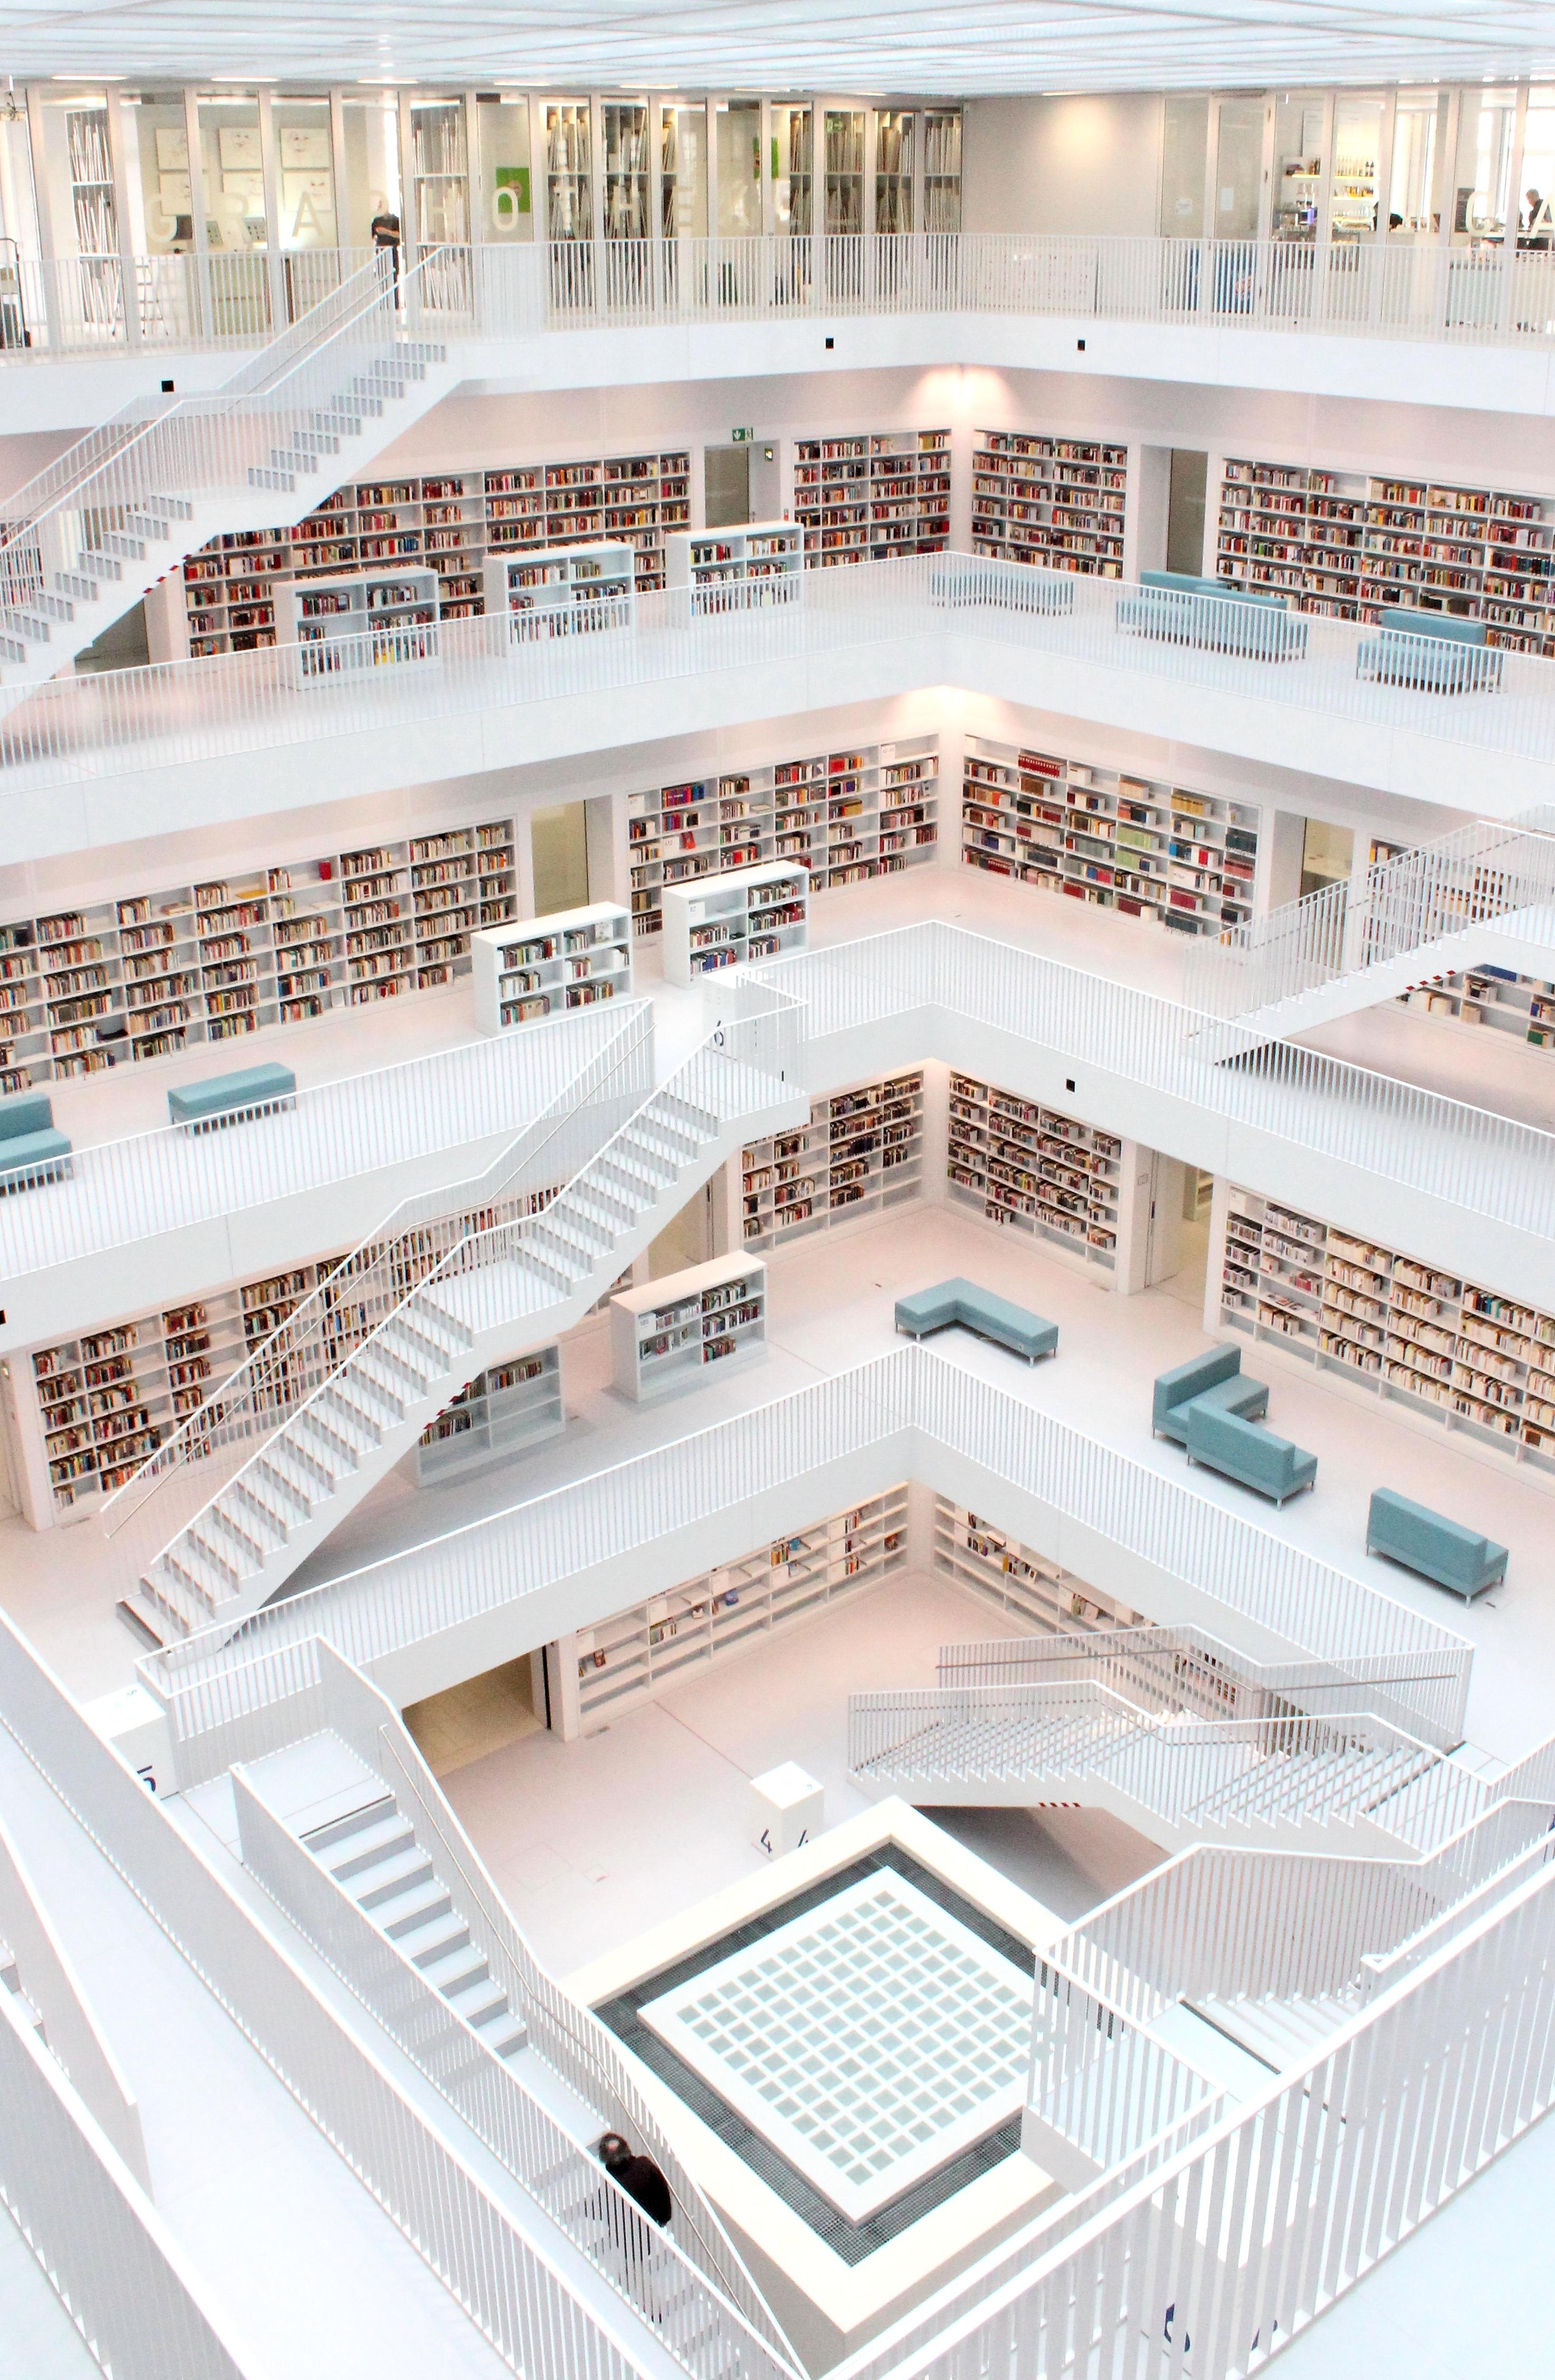 architecture plafond moderne design dintrieur tude bibliothque apprendre stuttgart connatre modle l